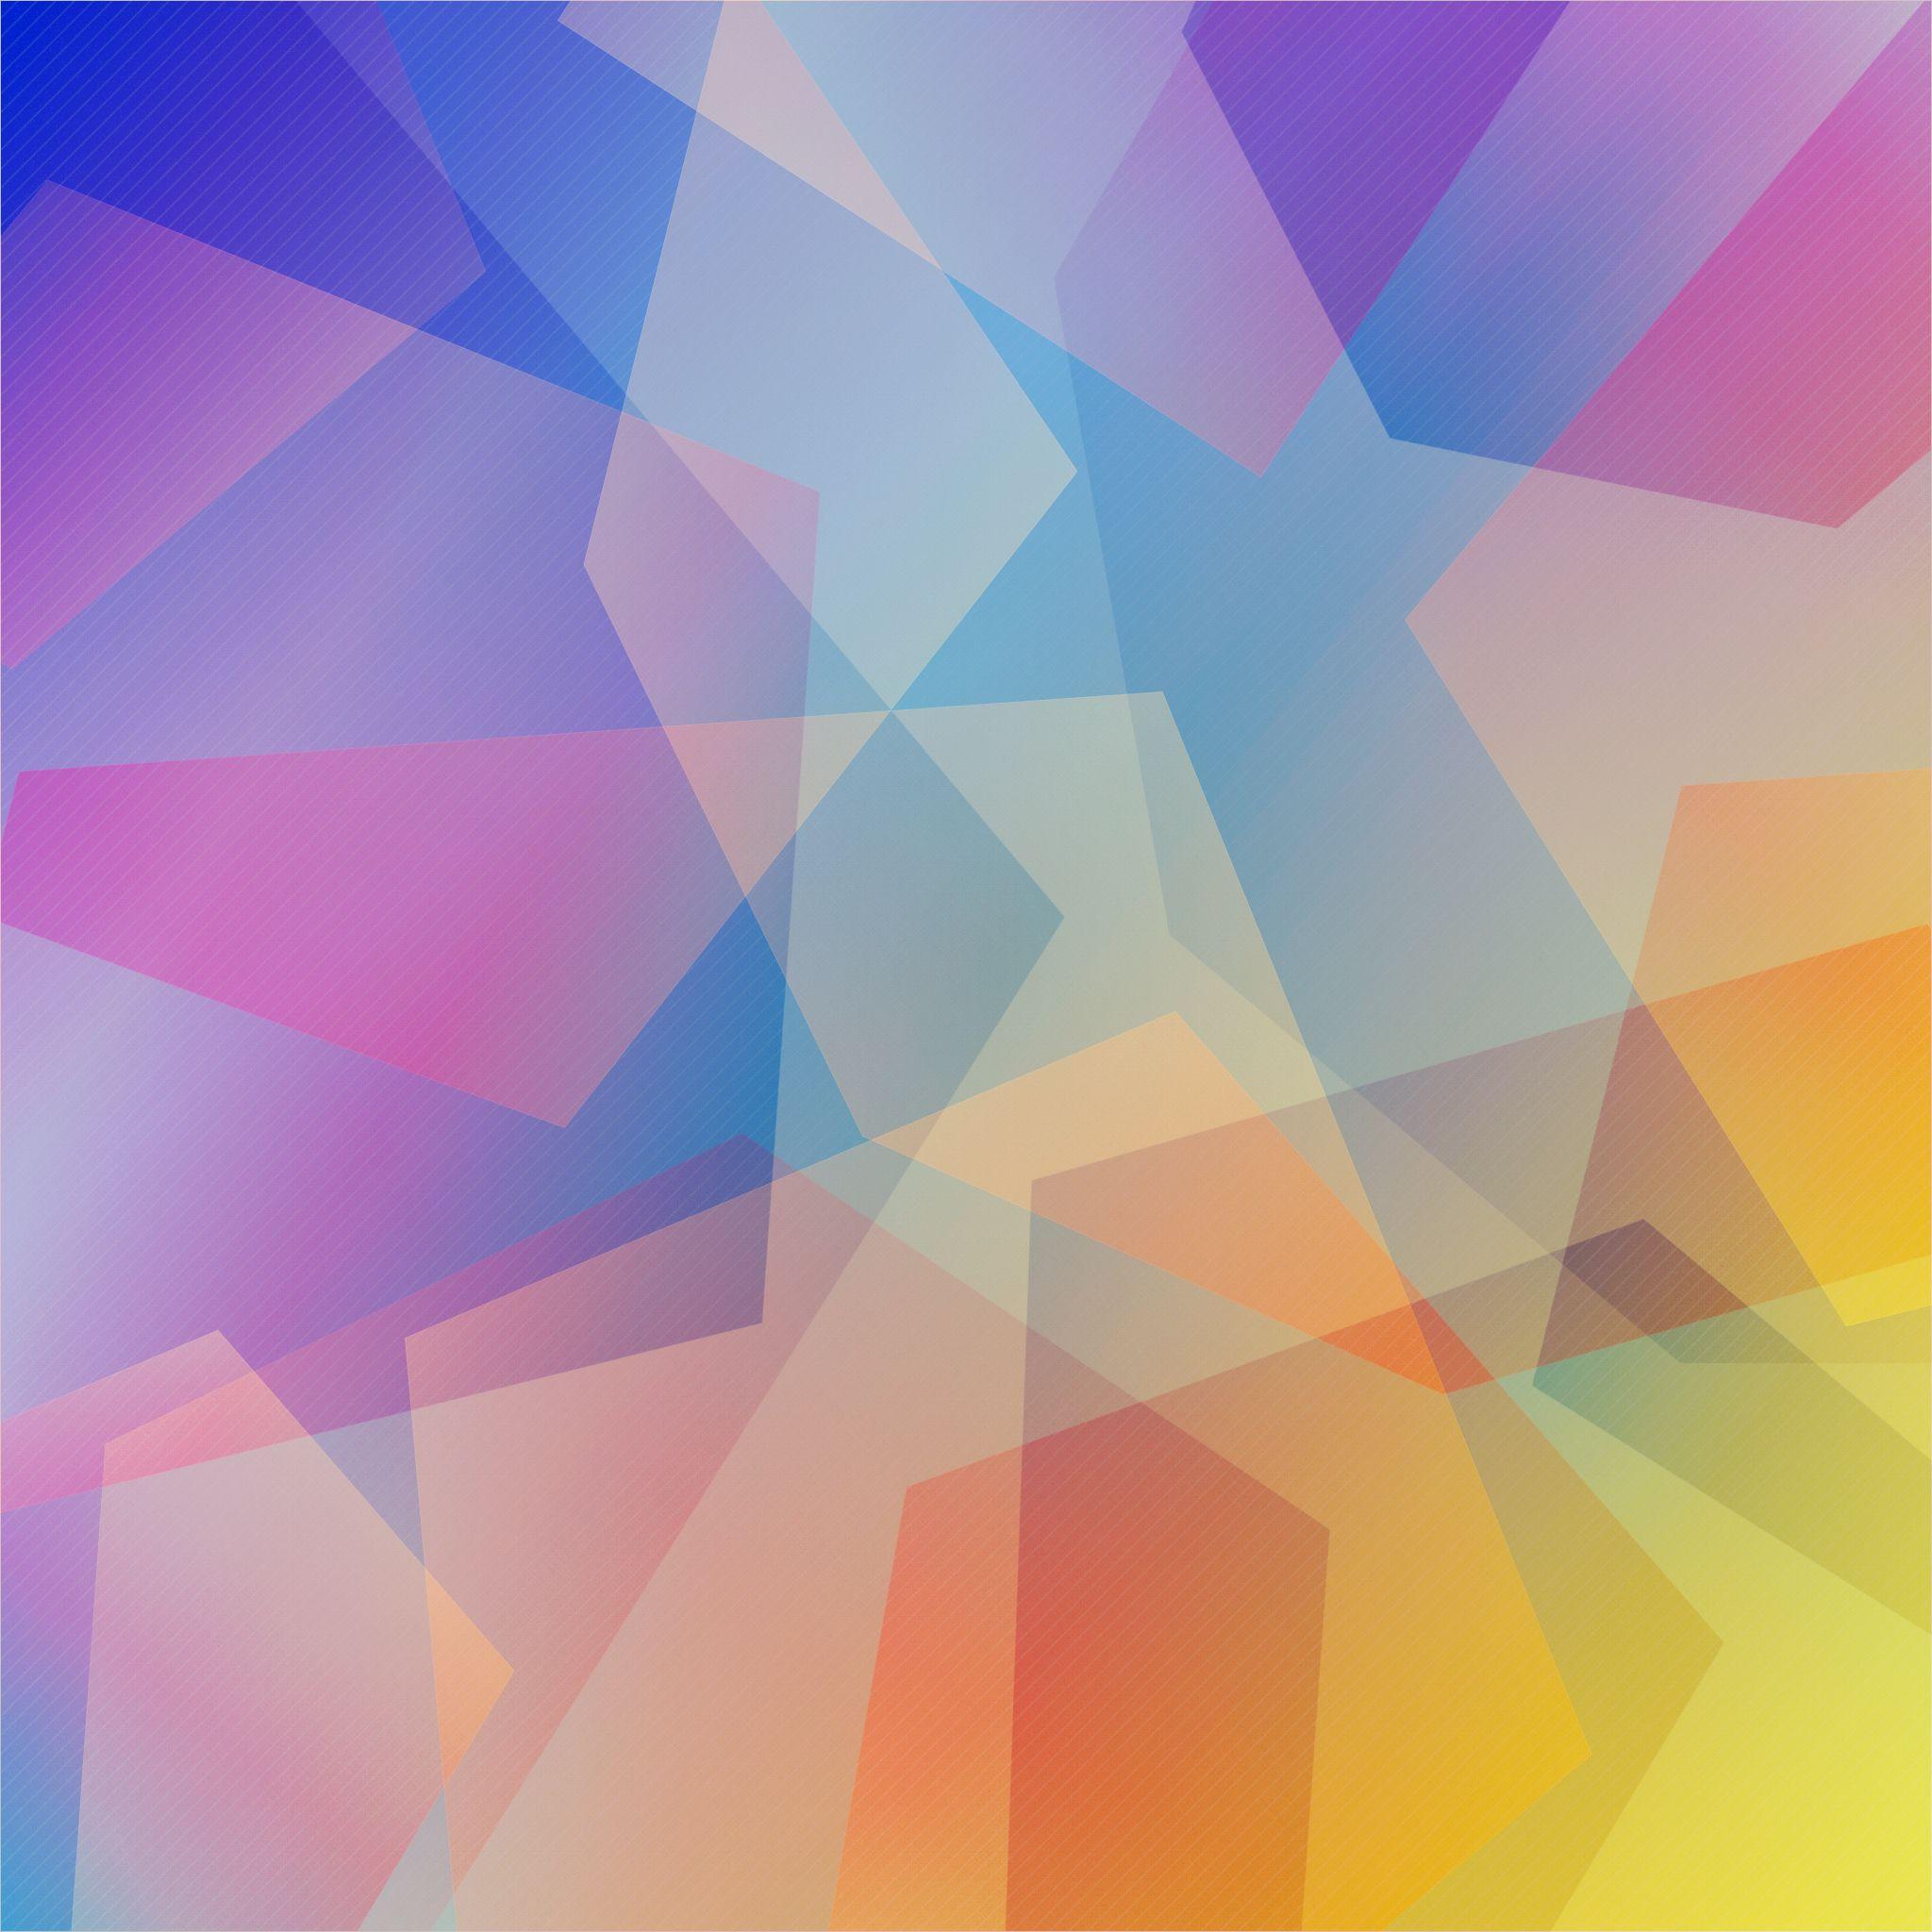 Best 25  Ios 7 ideas on Pinterest | Ios 7 icons, iOS 7 Design and ...